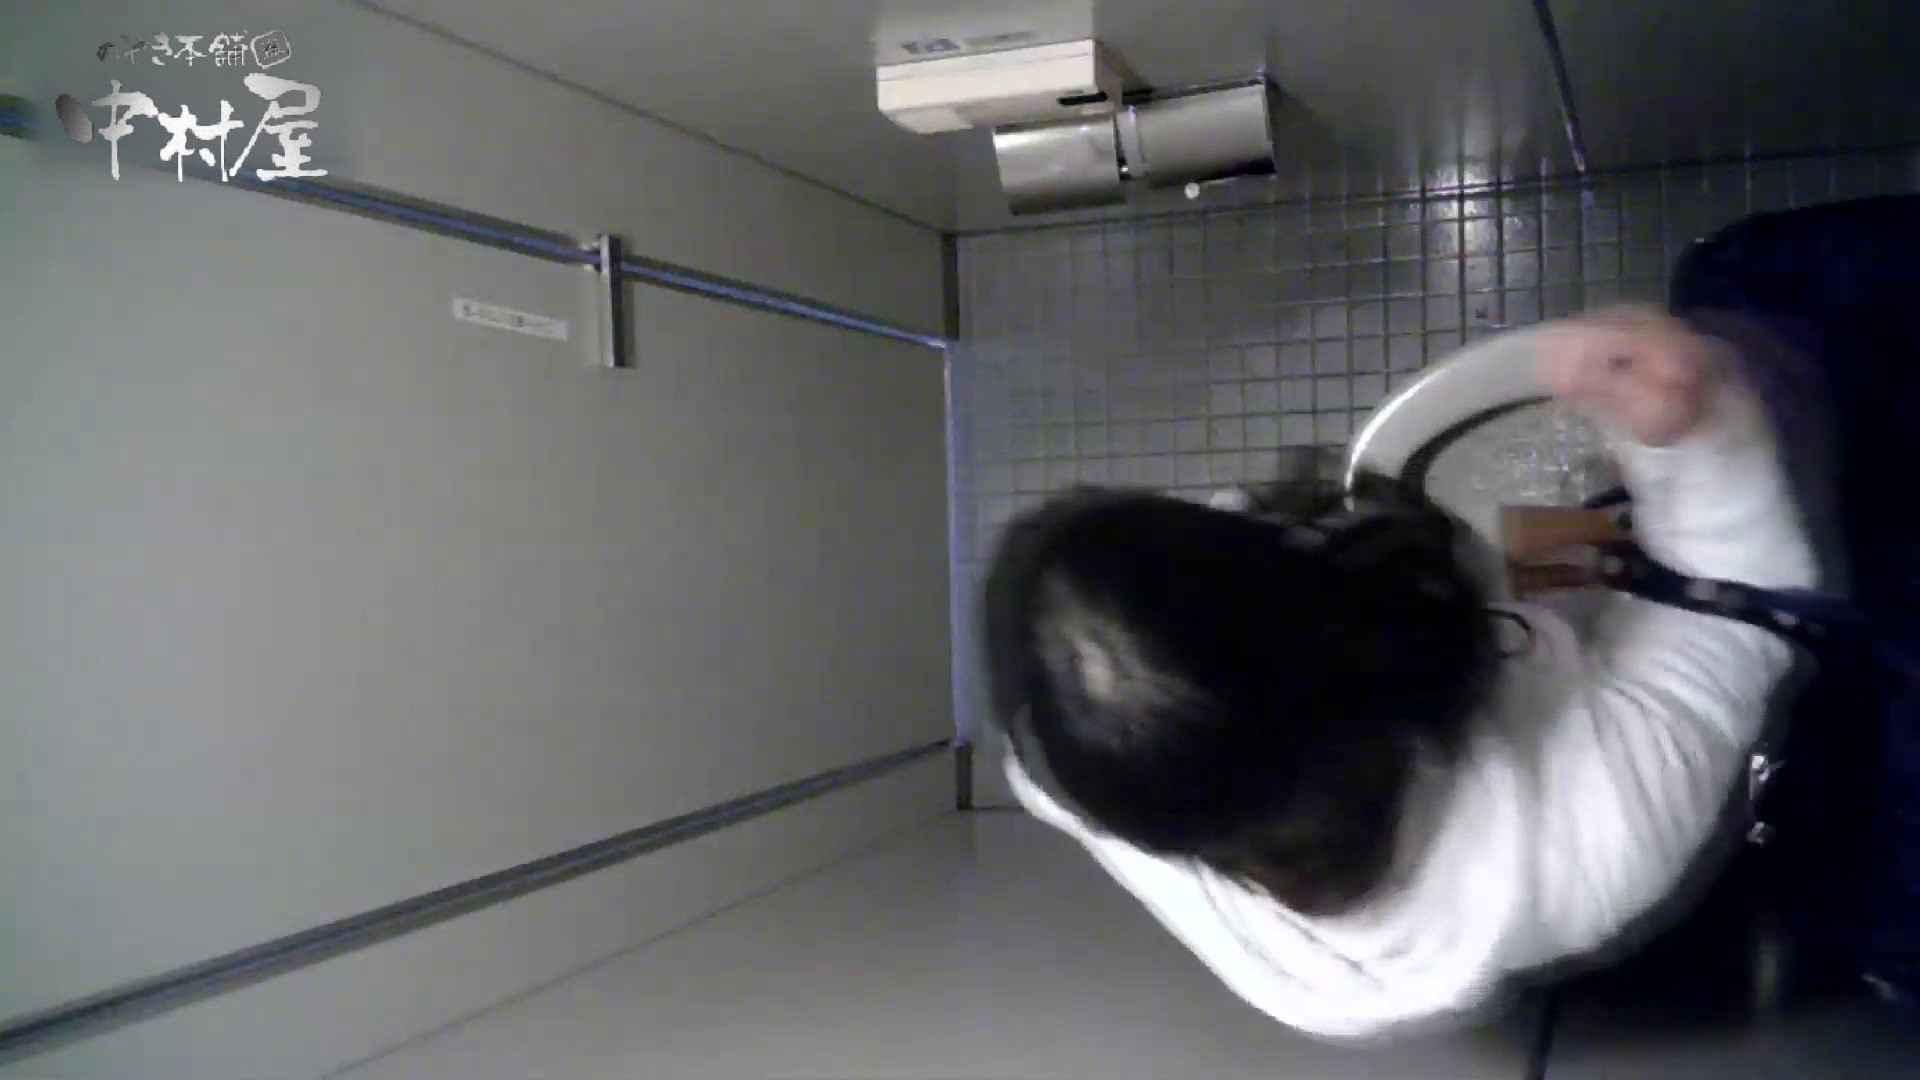 有名大学女性洗面所 vol.58 アンダーヘアーも冬支度? 洗面所  97pic 15